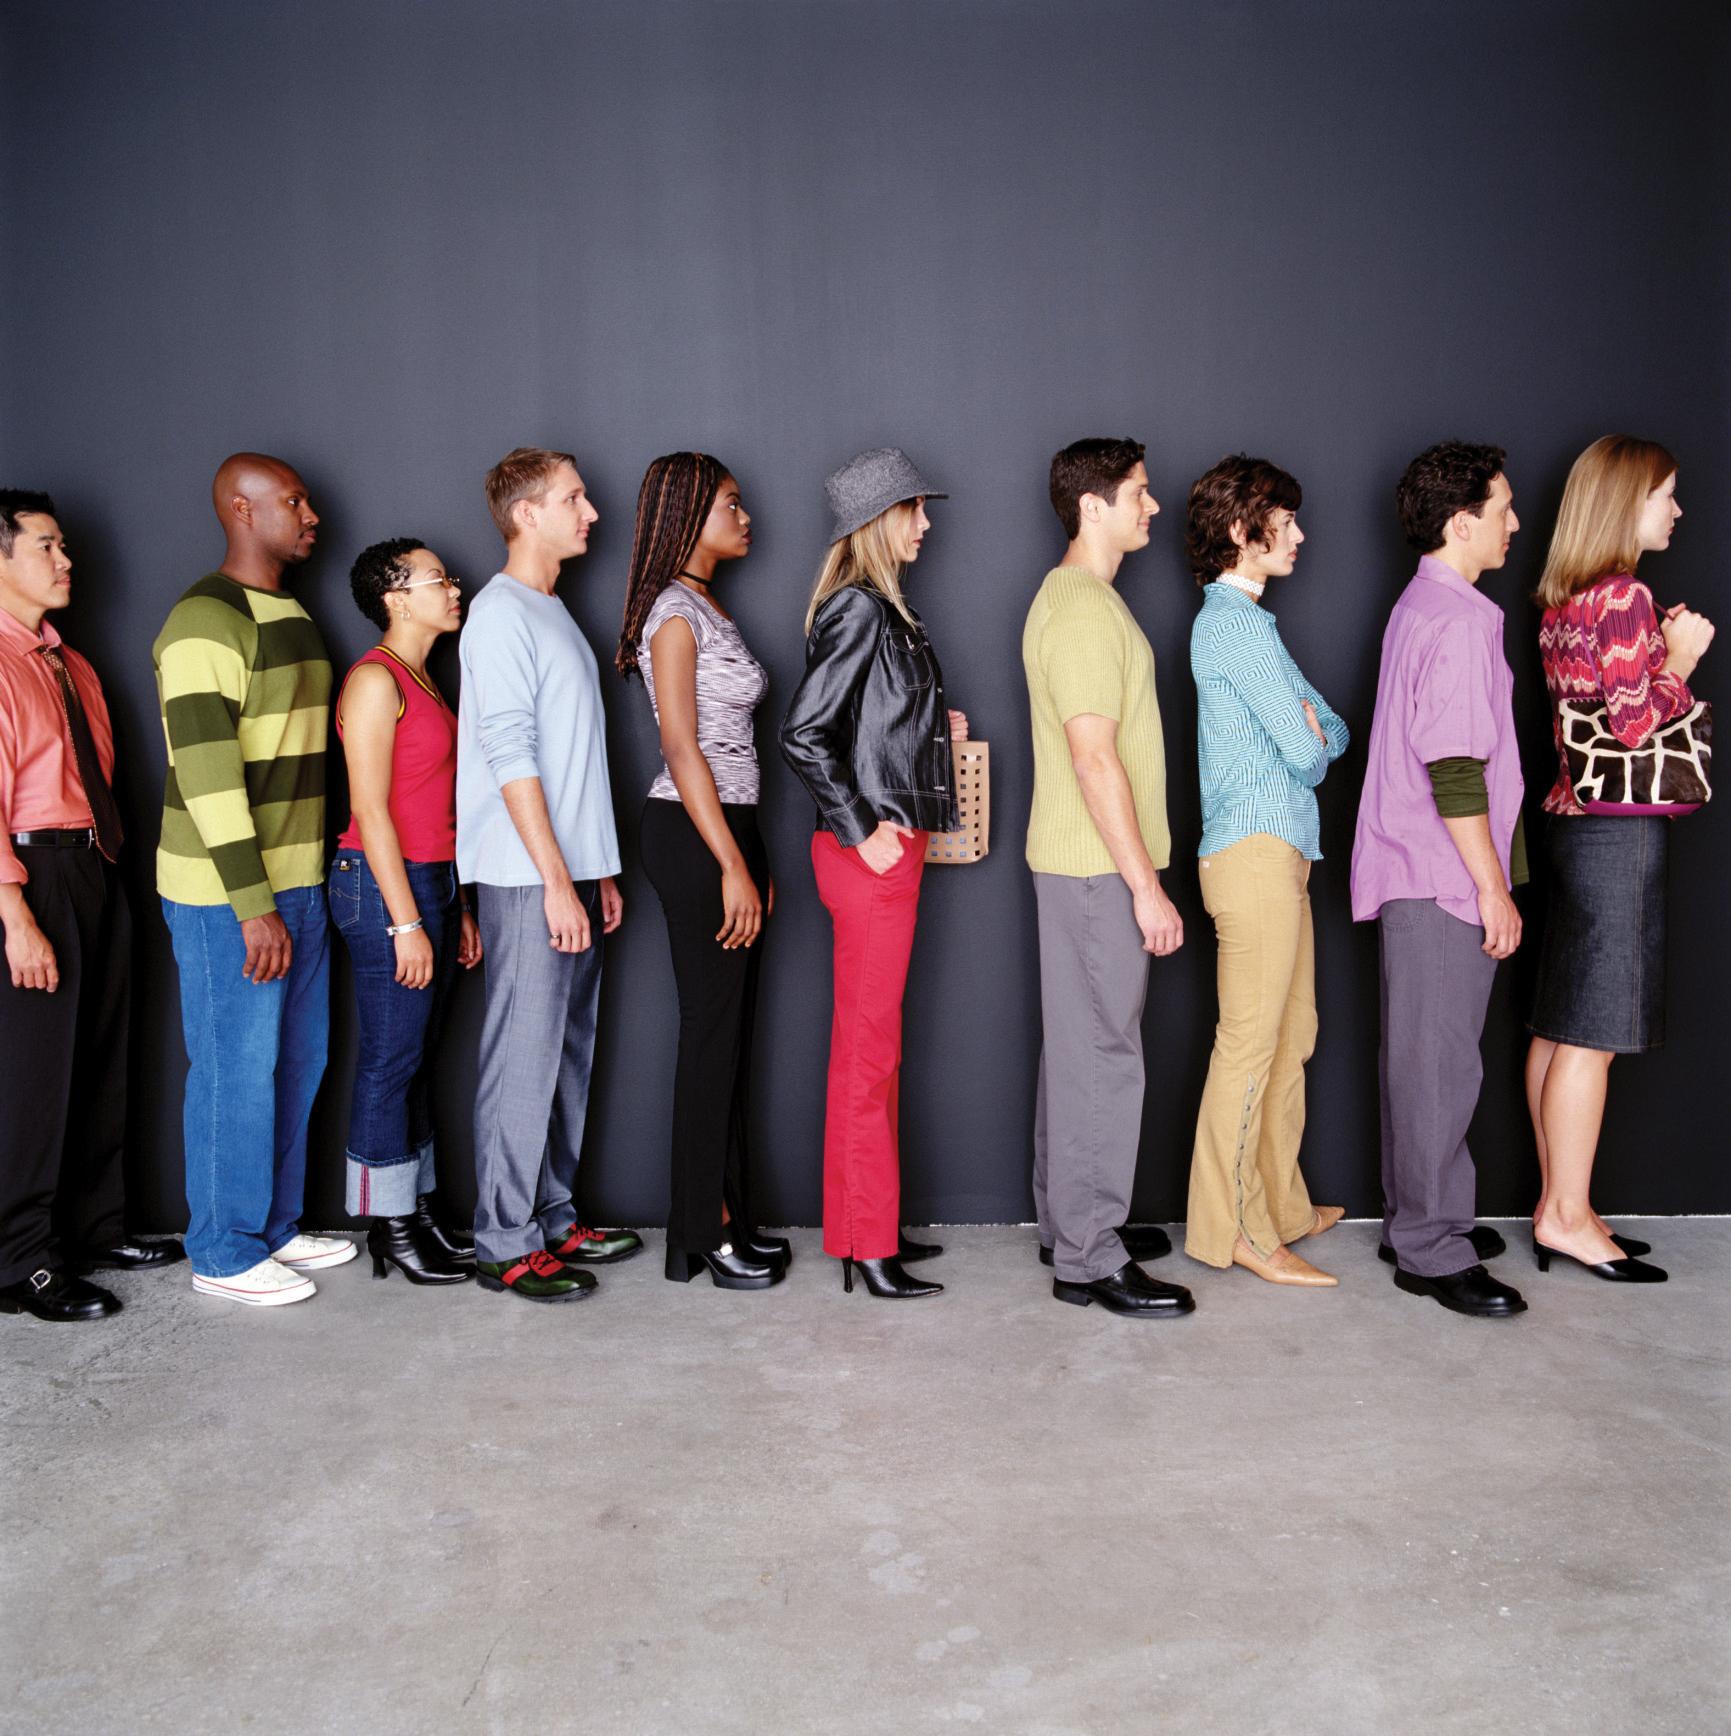 картинка клиенты стоят в очереди уложился два съёмке